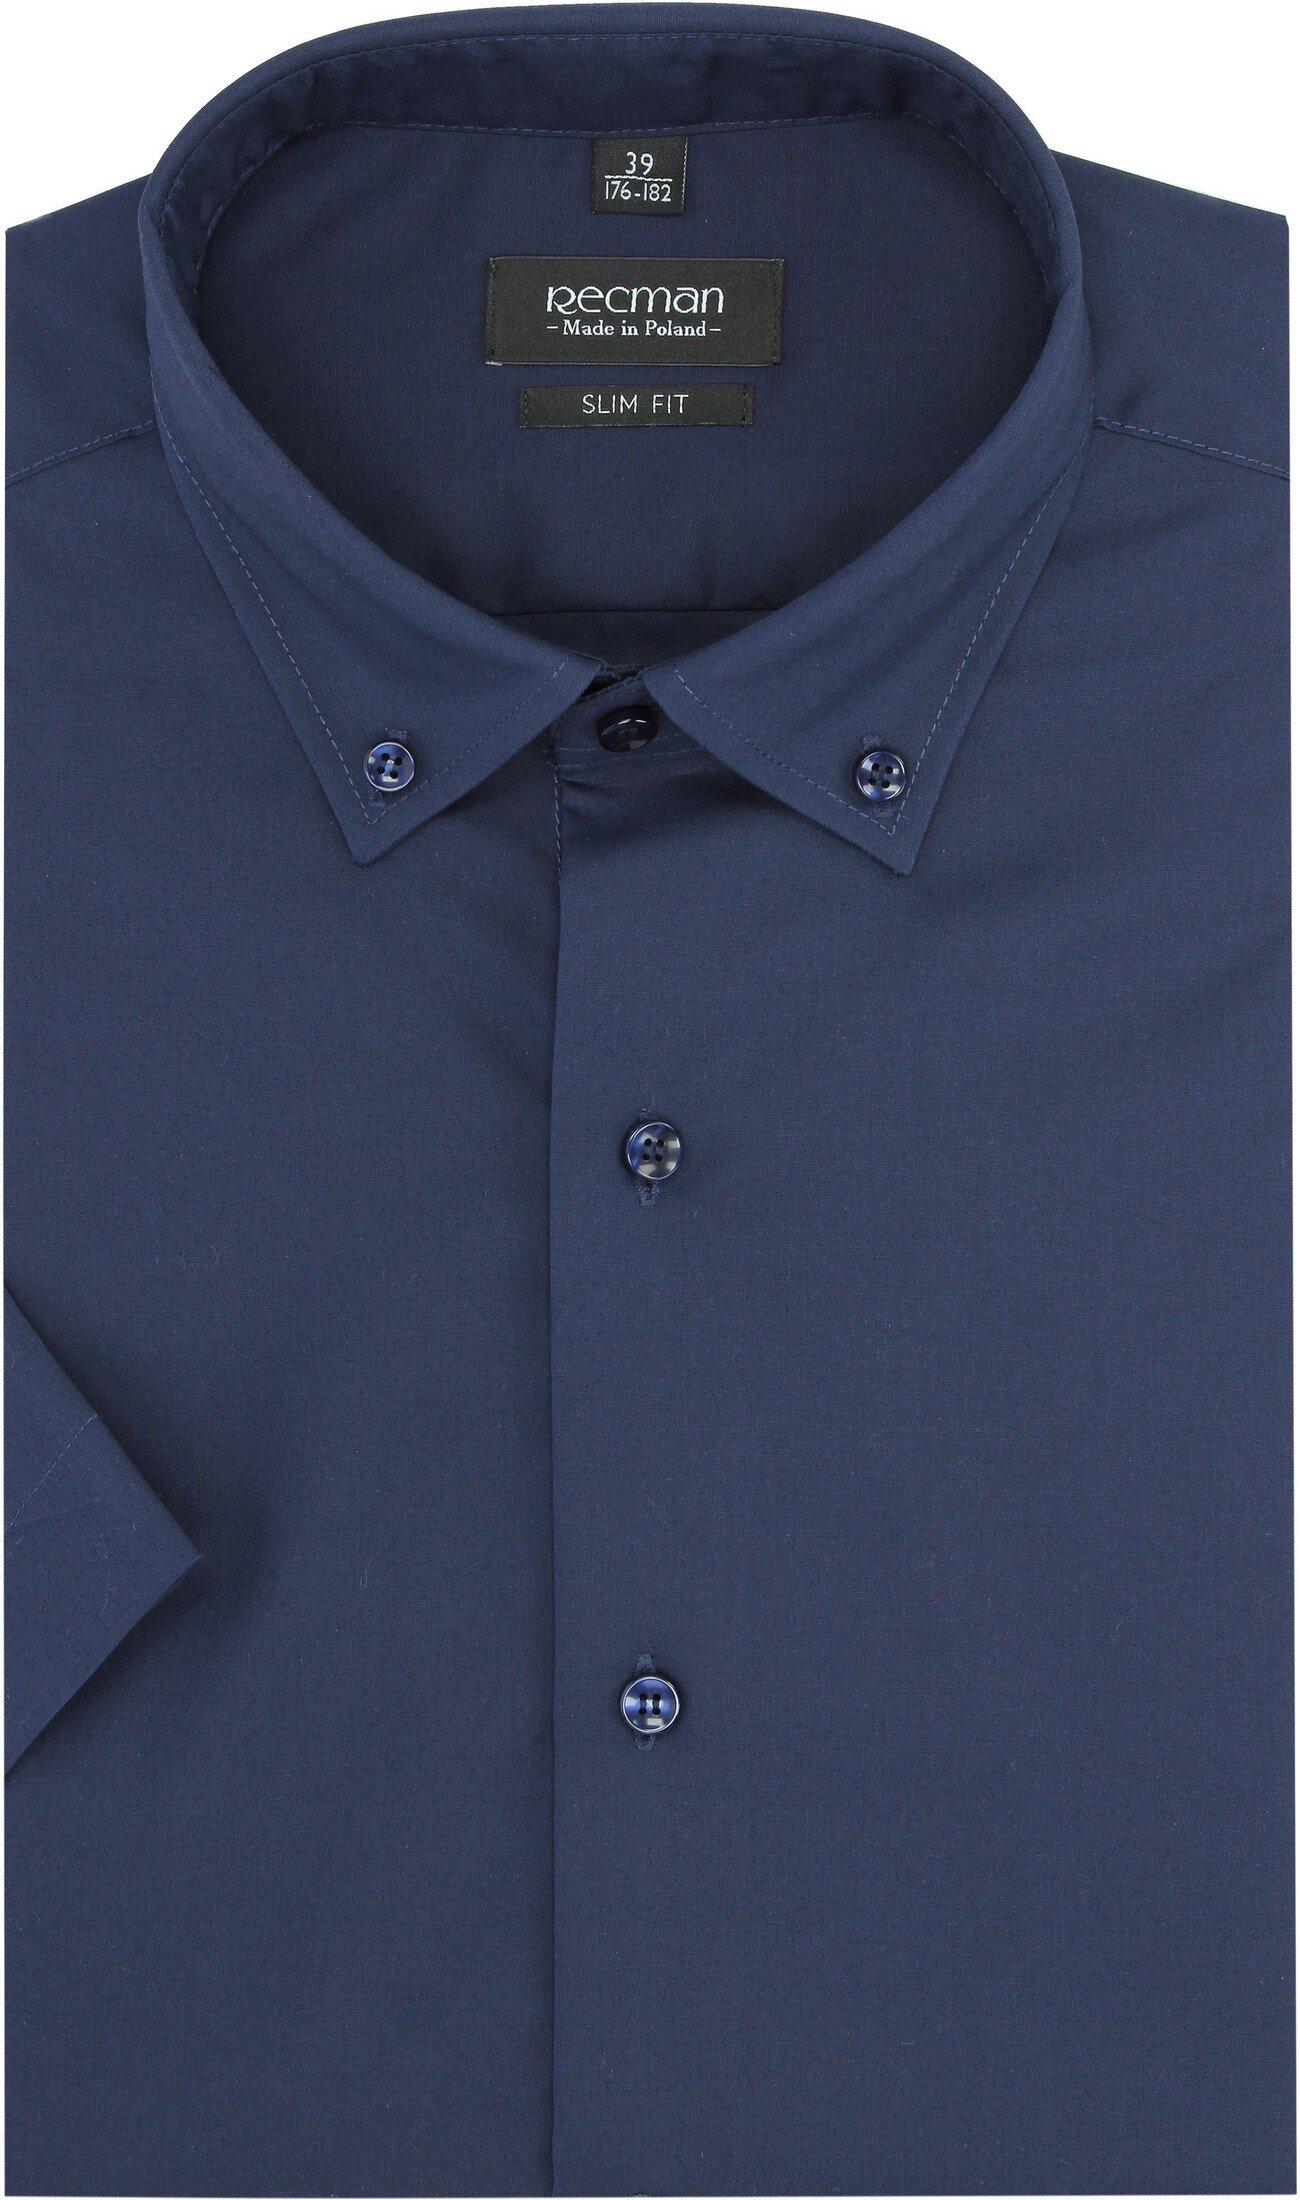 b26e93a04476fd koszula versone 2915 krótki rękaw slim fit granatowy - oficjalny ...